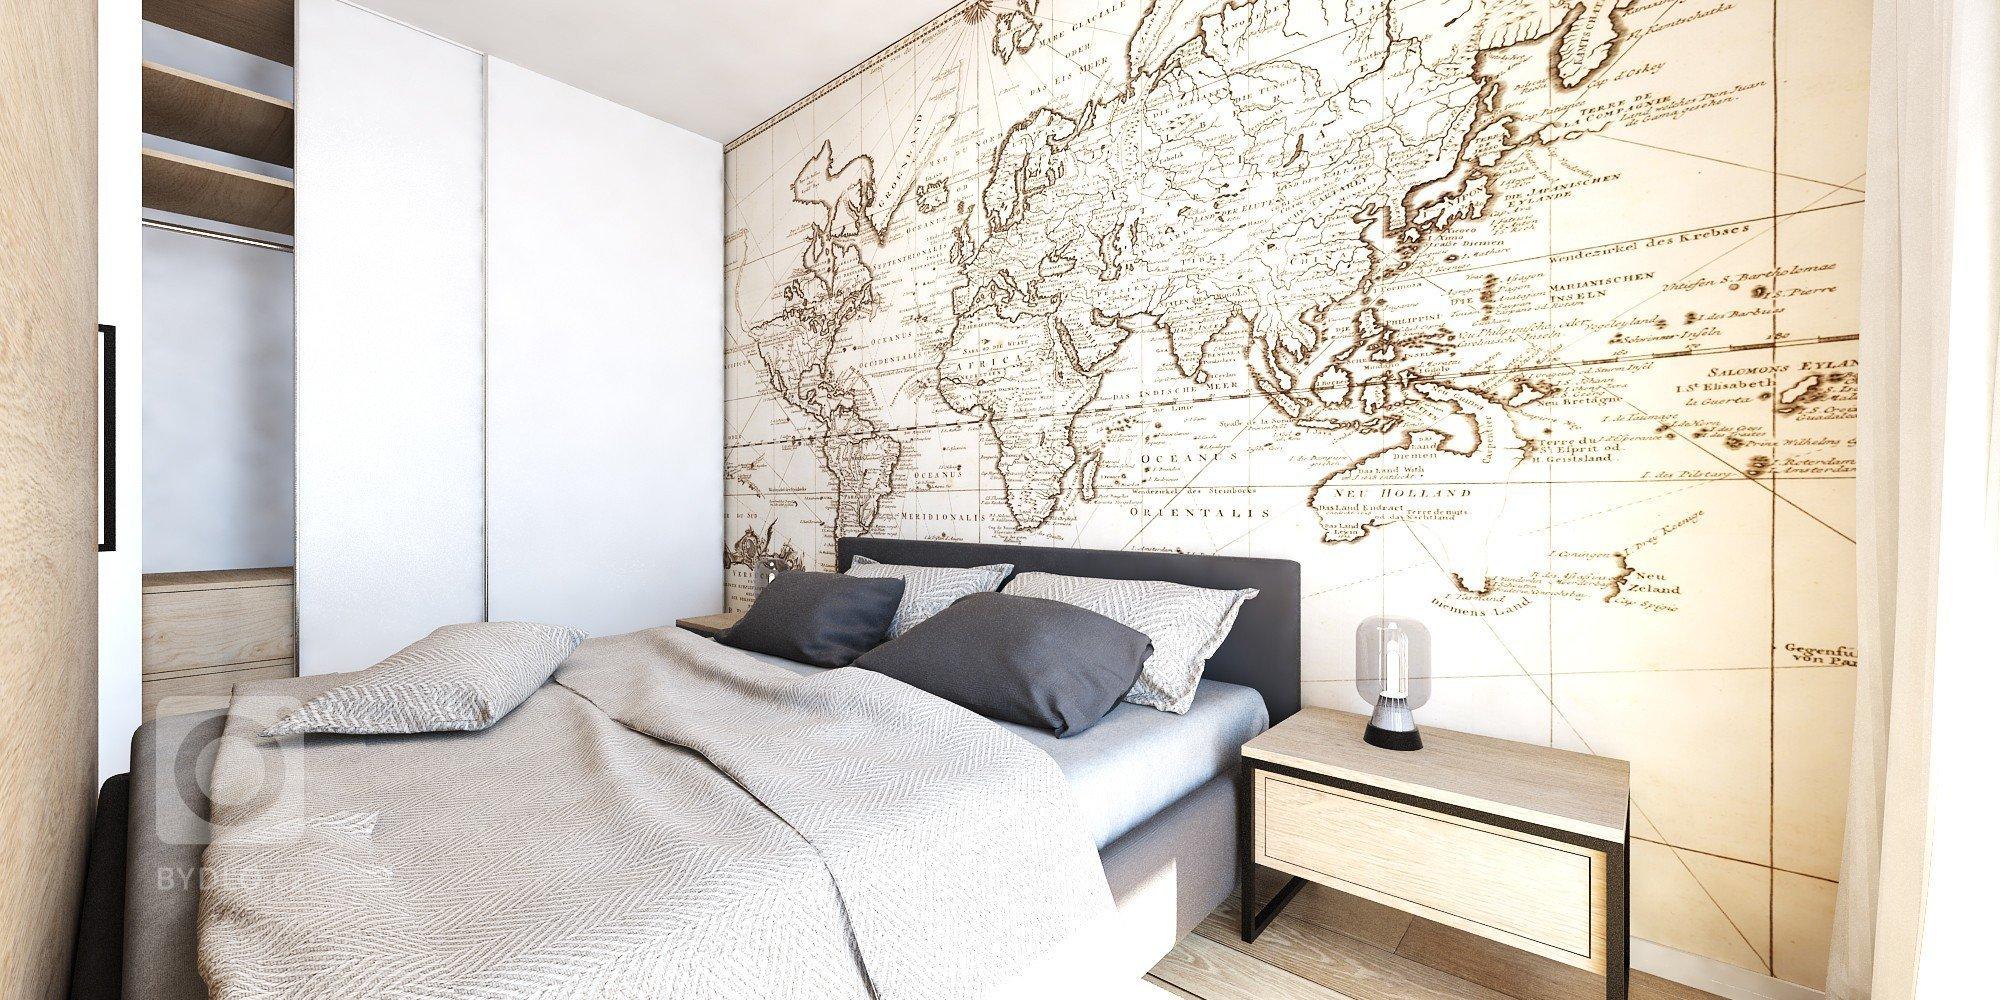 Mladistvý interiér s príjemnou atmosférou a jemnými prvkami industriálneho štýlu sme opäť hravo navrhli do malometrážneho bytu v projekteSlnečnice.